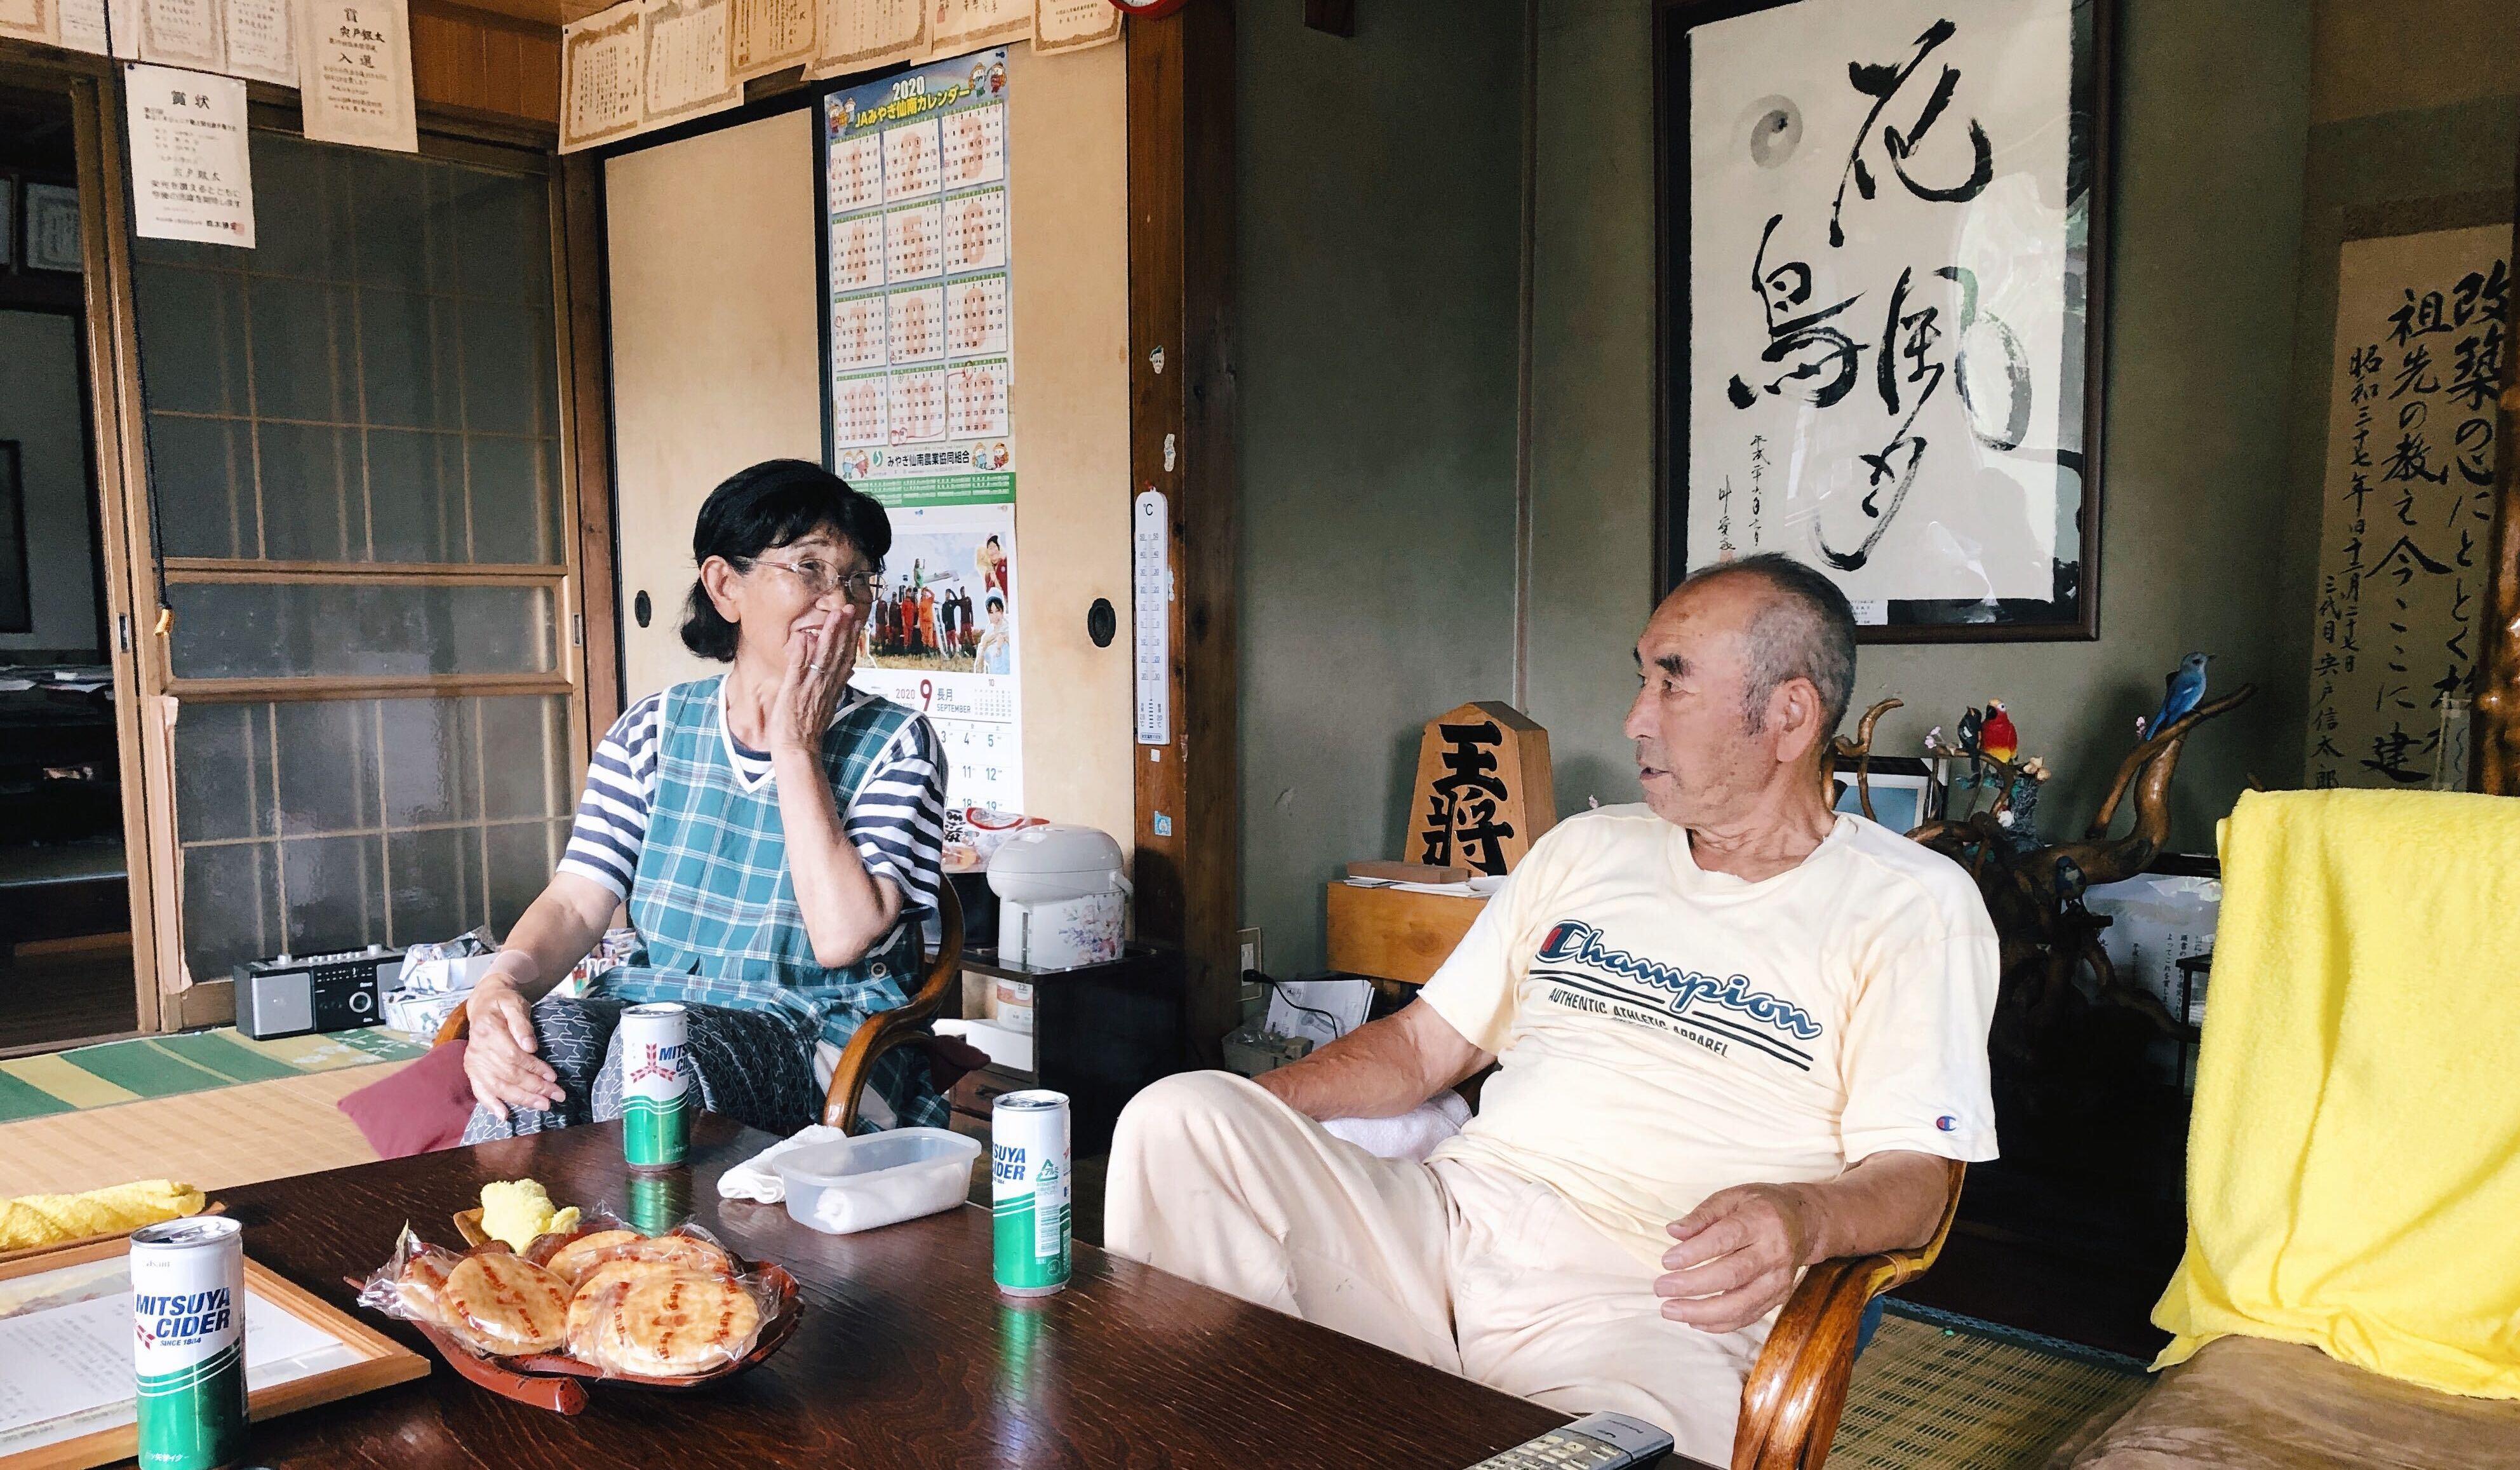 インタビュー(前編):400年続く丸森和紙の伝統を受け継ぐ、和紙職人・宍戸信成さんの想い